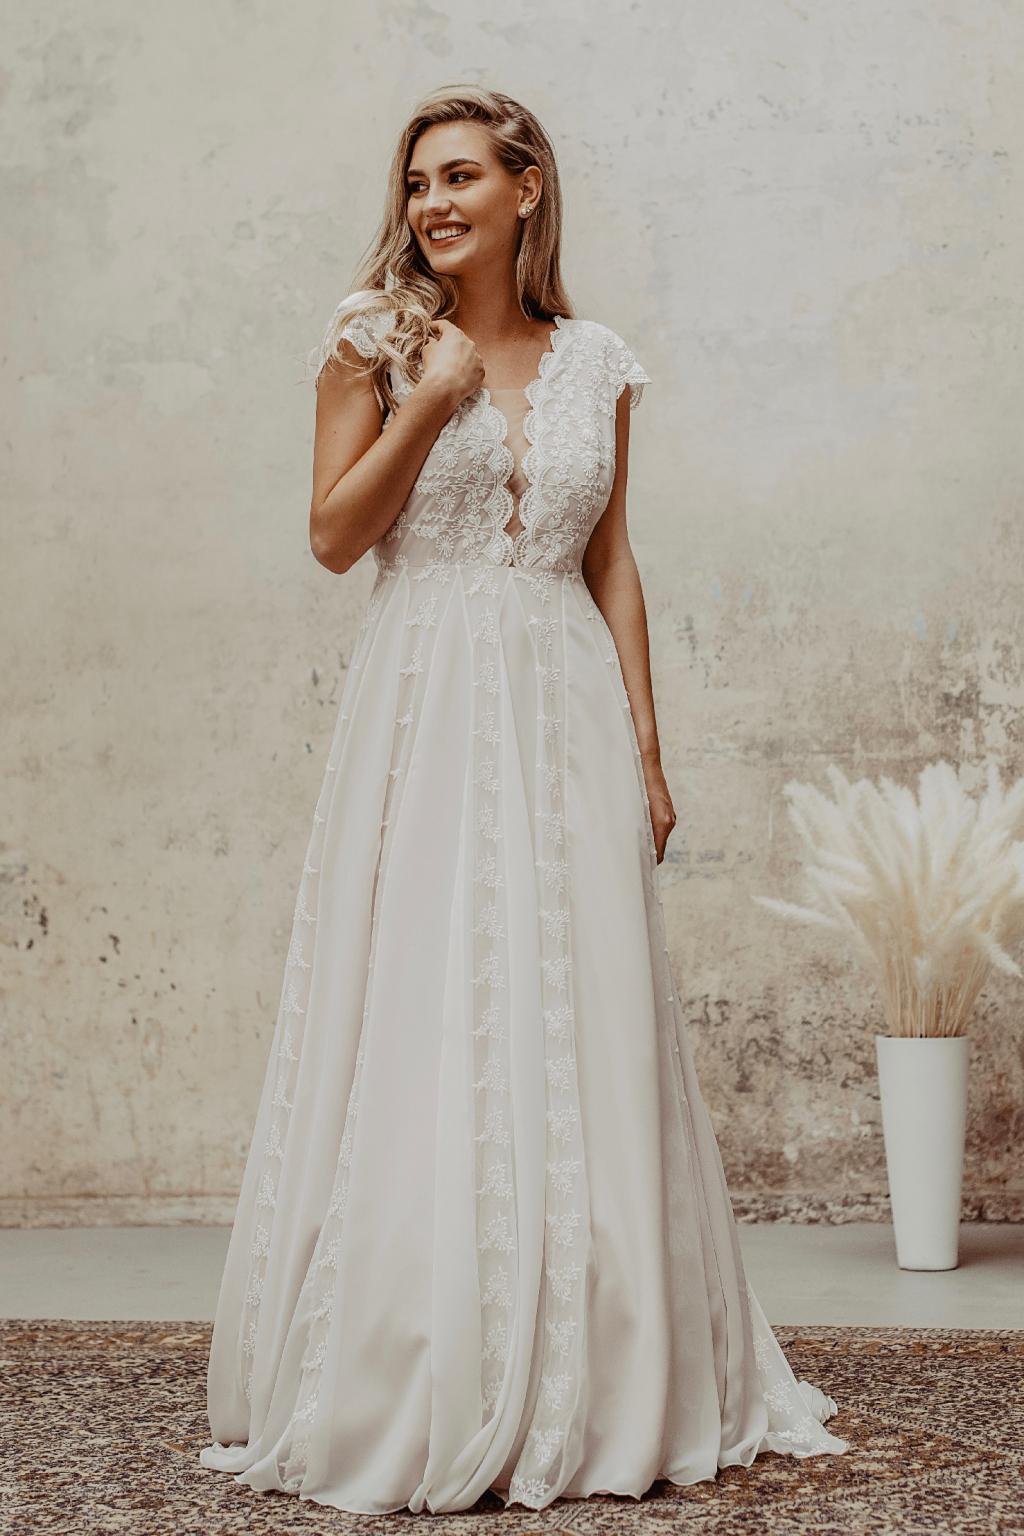 Celokrajkové svatební šaty Emily